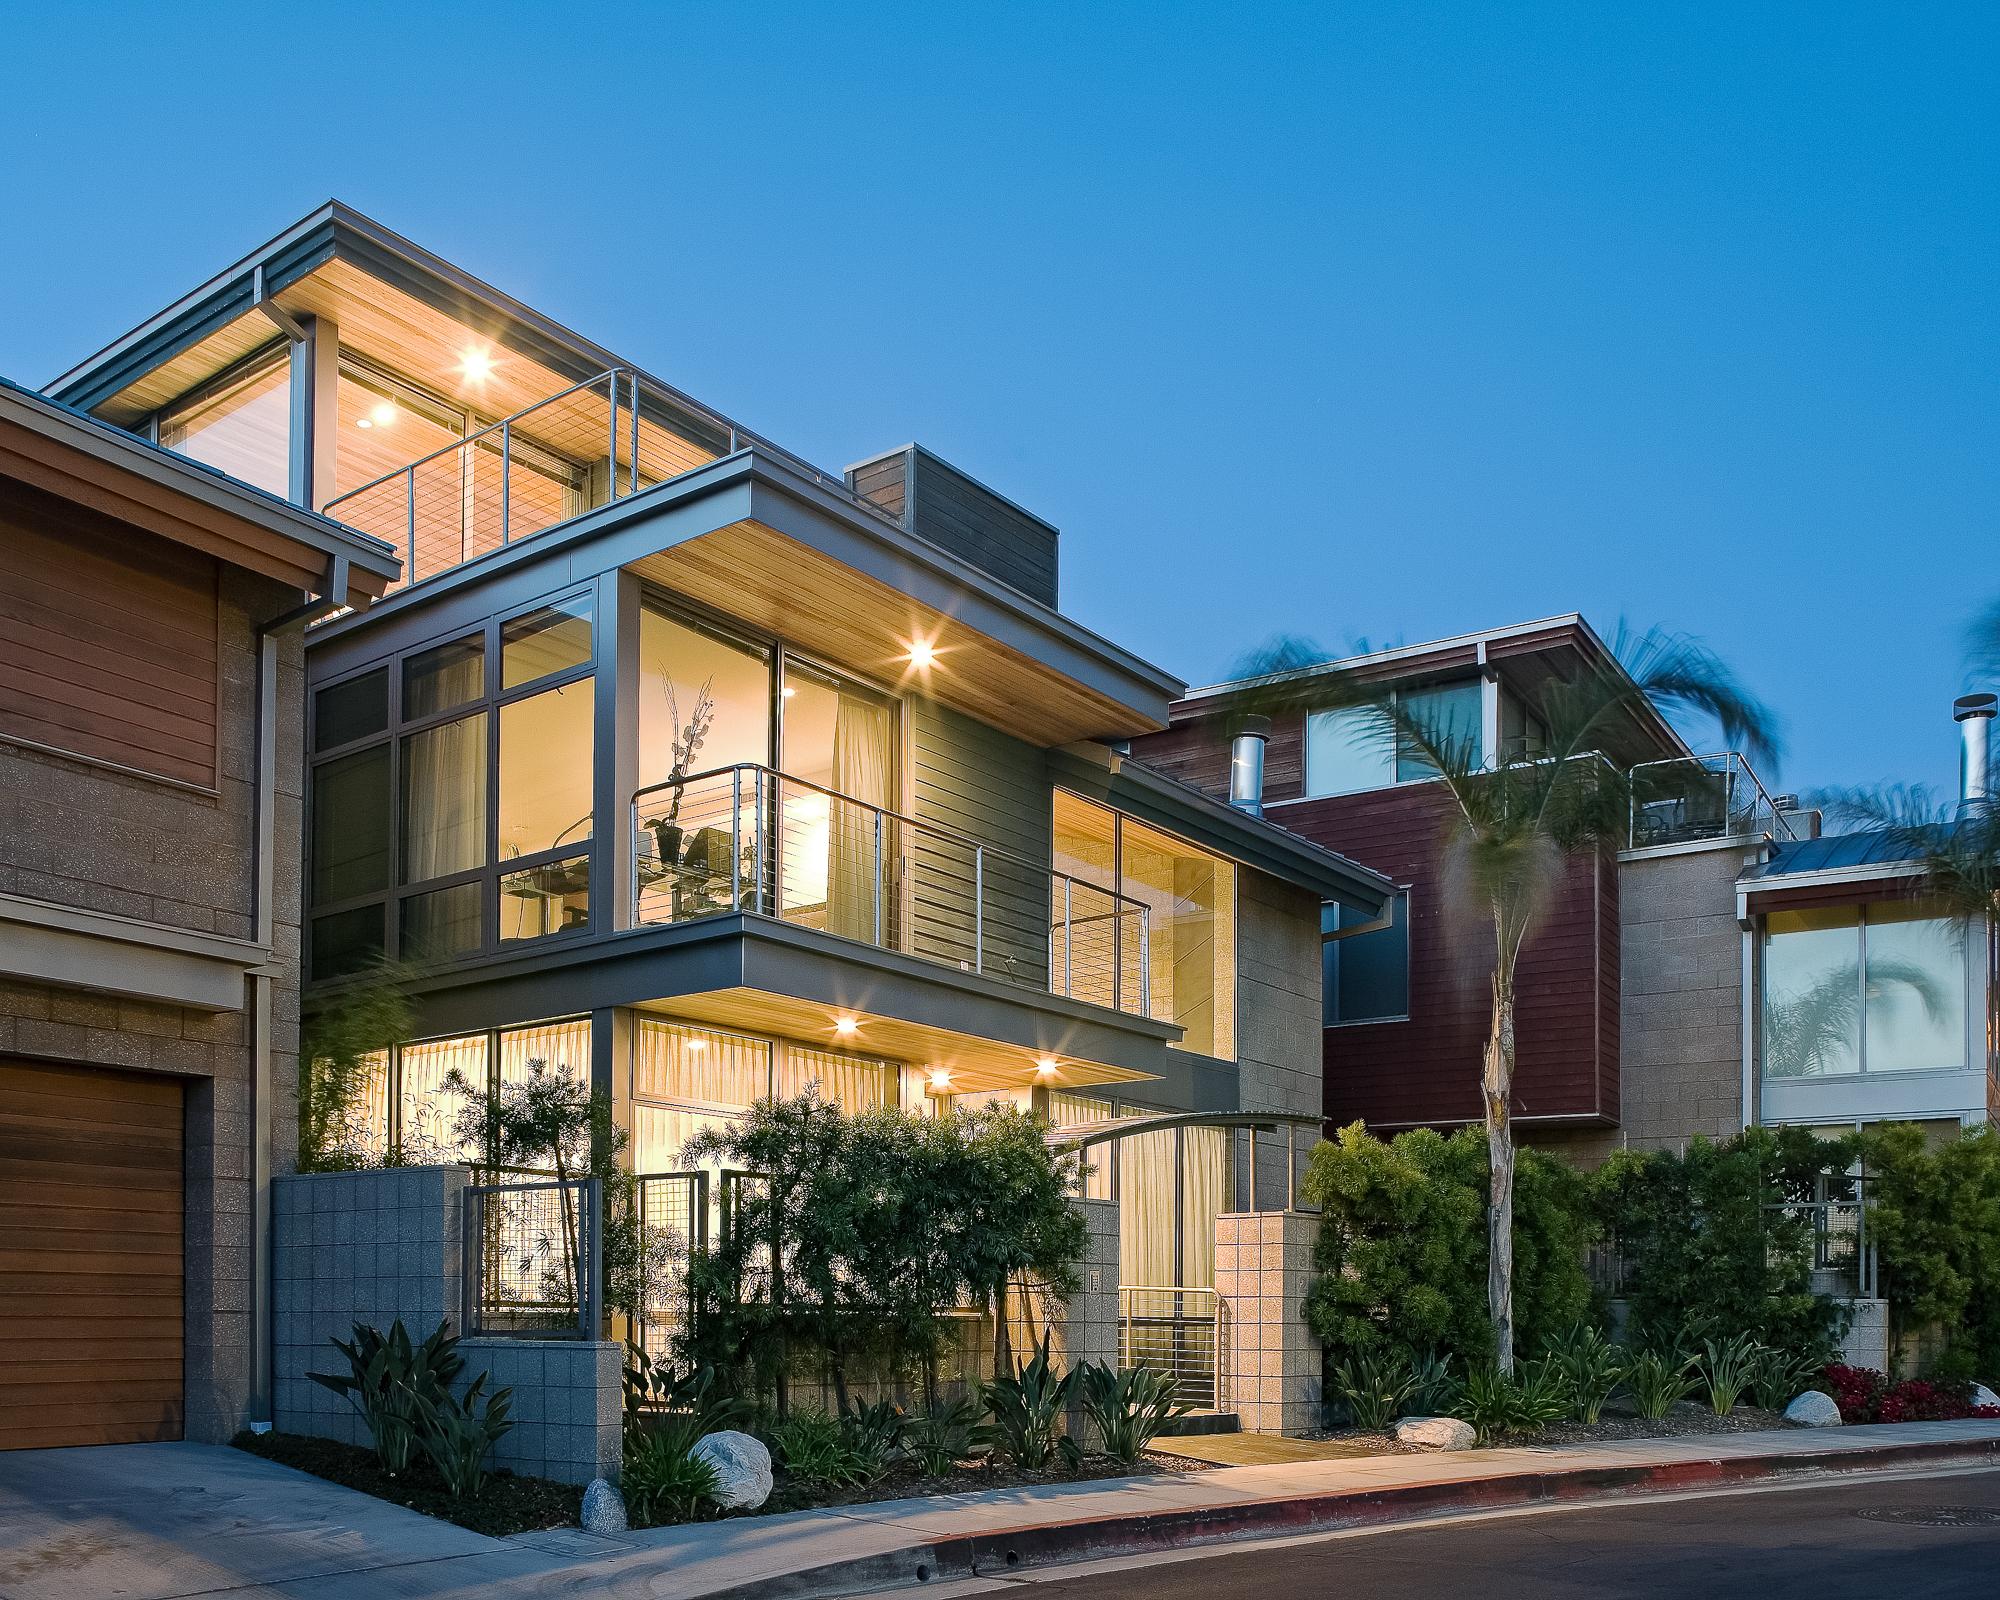 Design architecture awards domusstudio architecture for Residential architect design awards